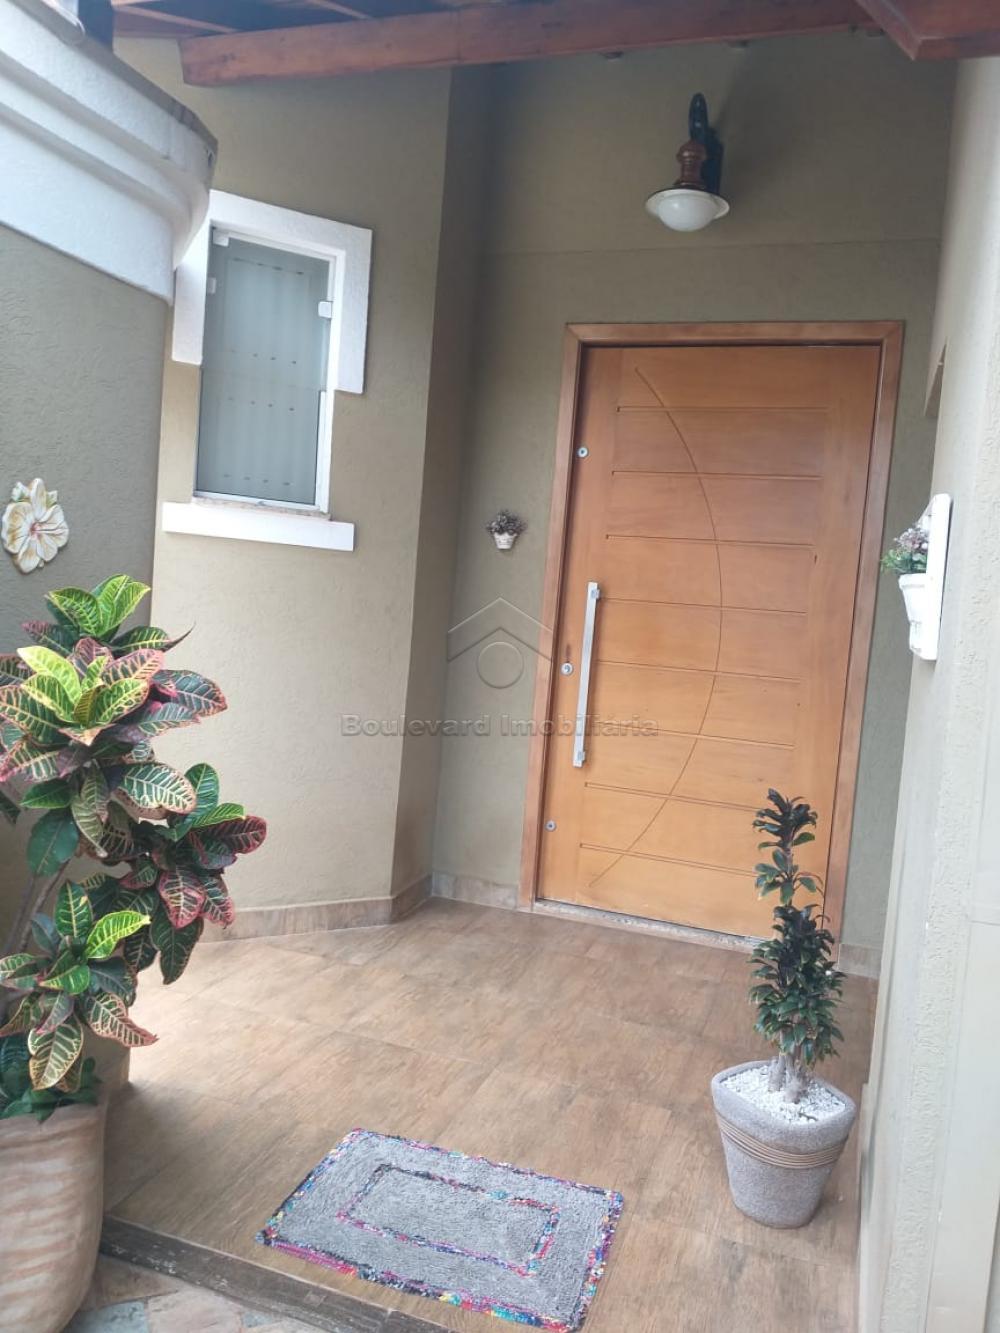 Comprar Casa / Sobrado em Ribeirão Preto apenas R$ 900.000,00 - Foto 4